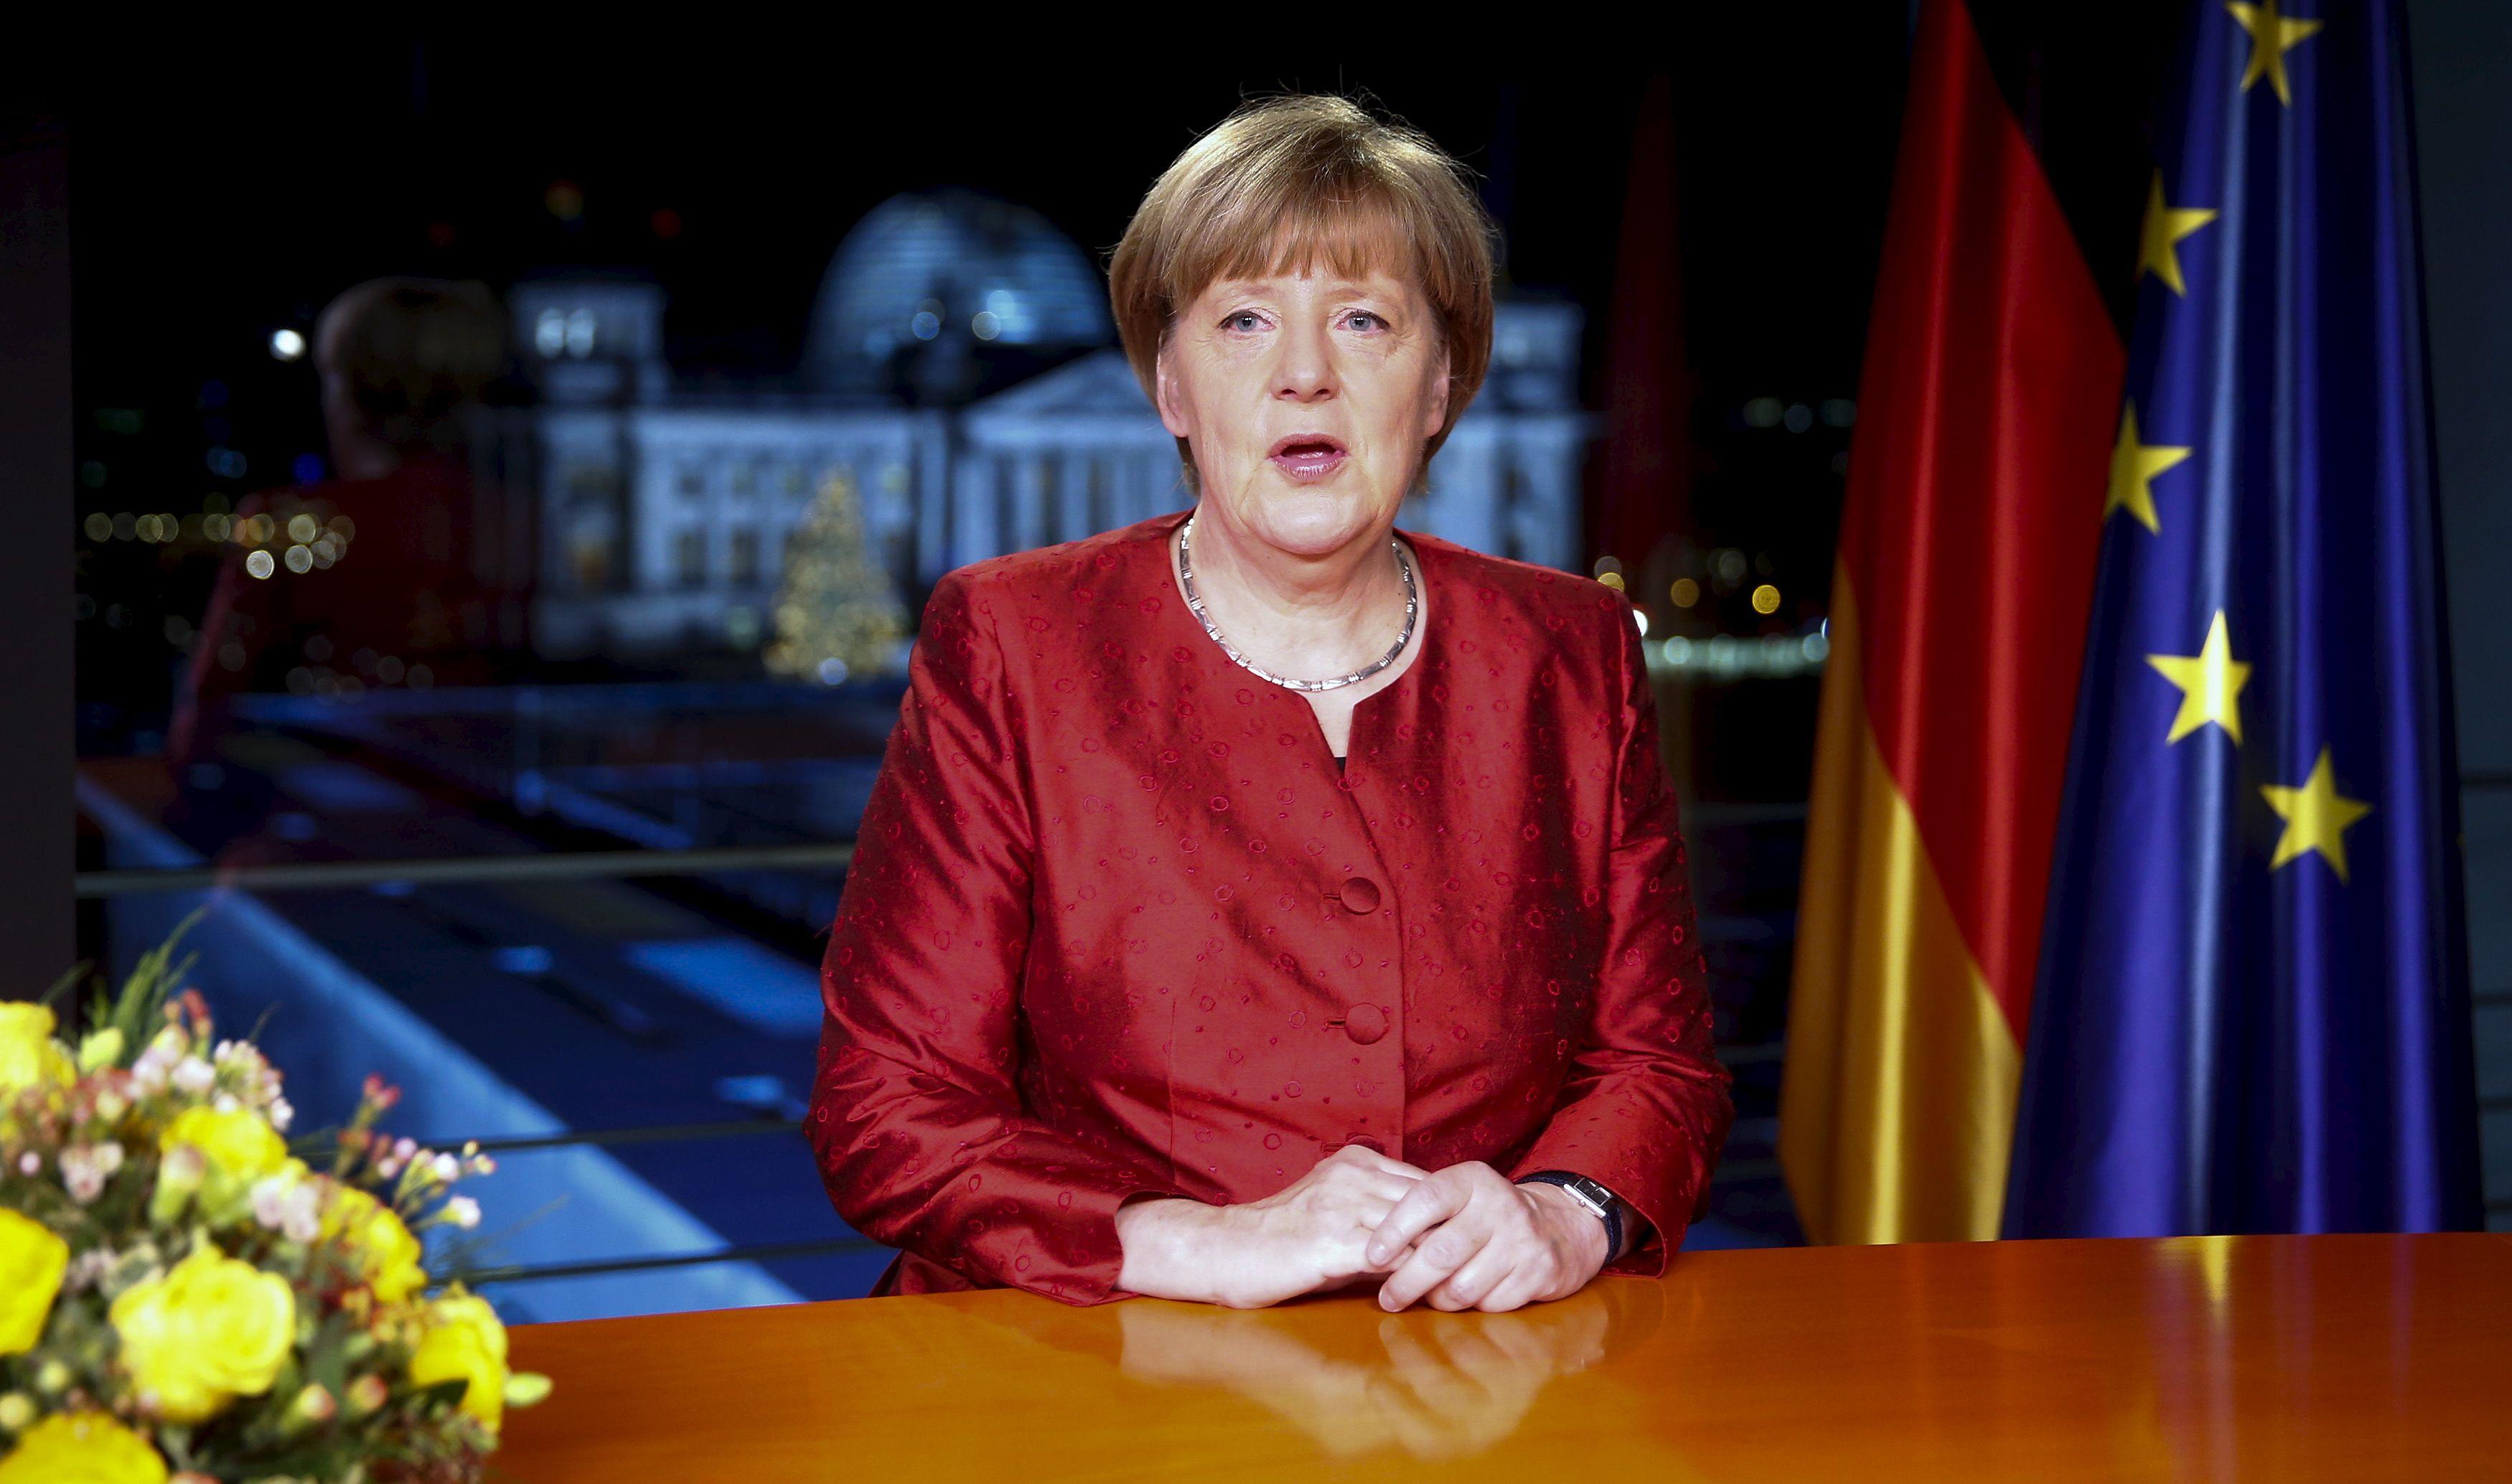 """""""Les migrants une chance pour demain"""" ? : ces éléments qu'Angela Merkel ne devrait pas perdre de vue si elle souhaite que ses voeux pour 2016 se réalisent"""